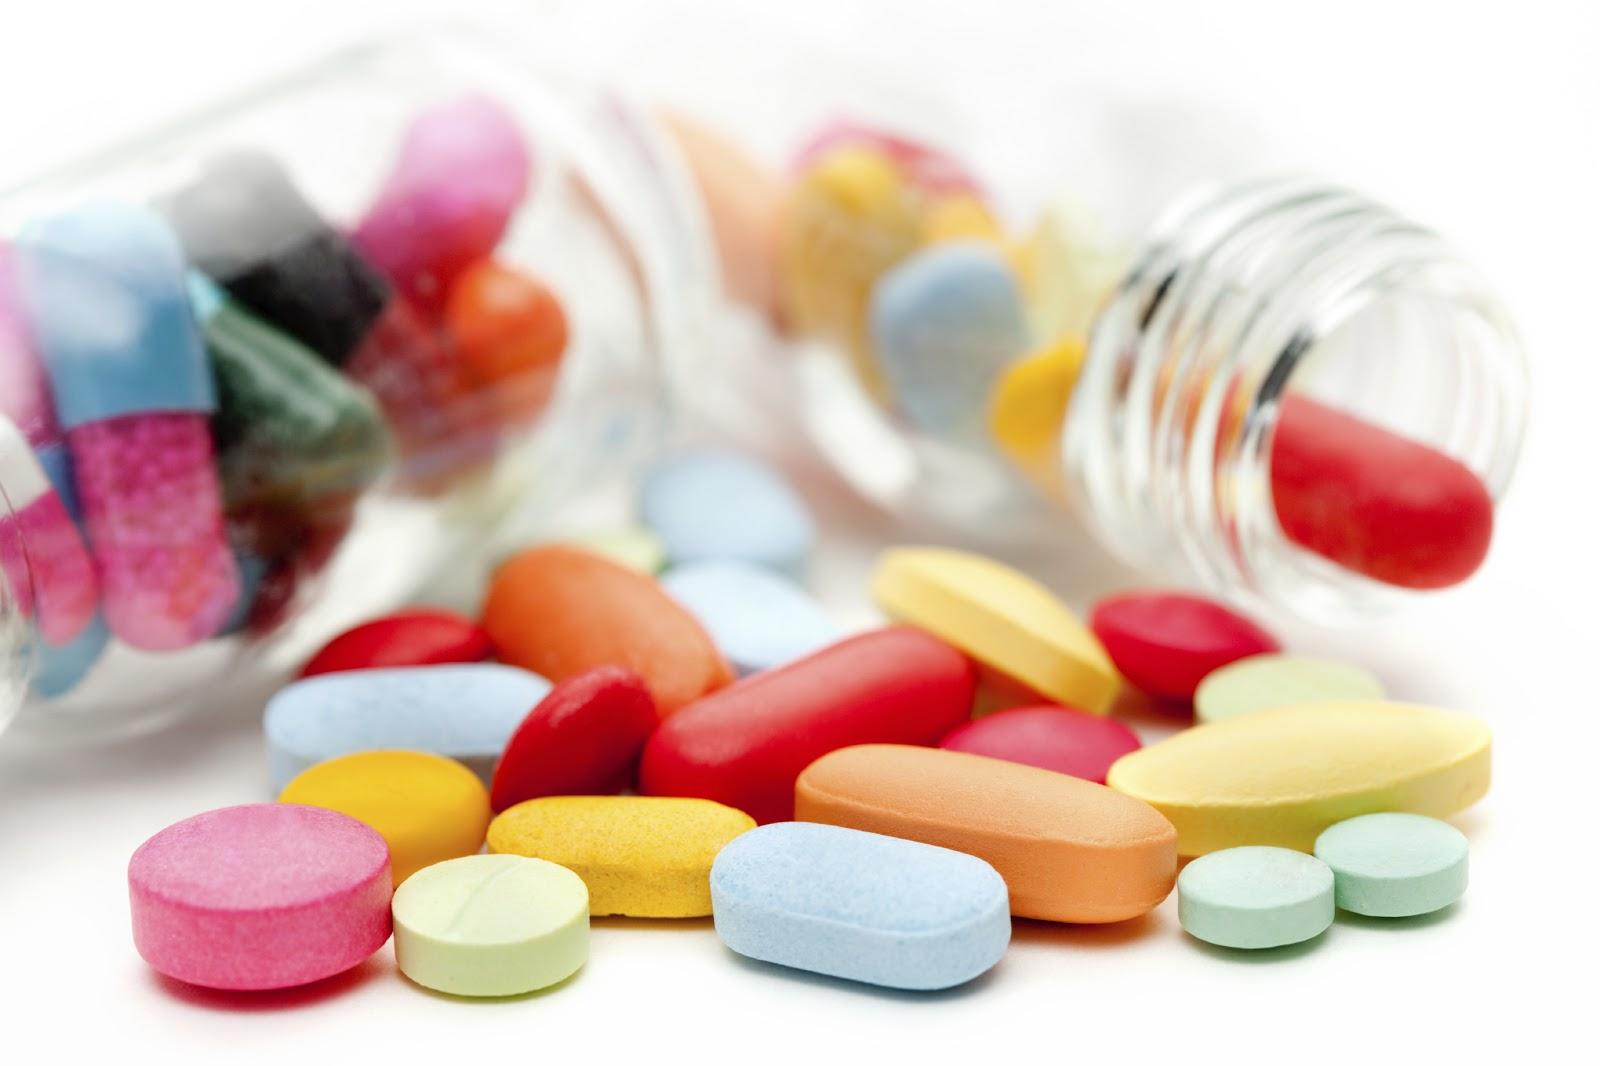 استعلام قیمت دارو,سامانه استعلام قیمت دارو,نحوه استعلام قیمت دارو